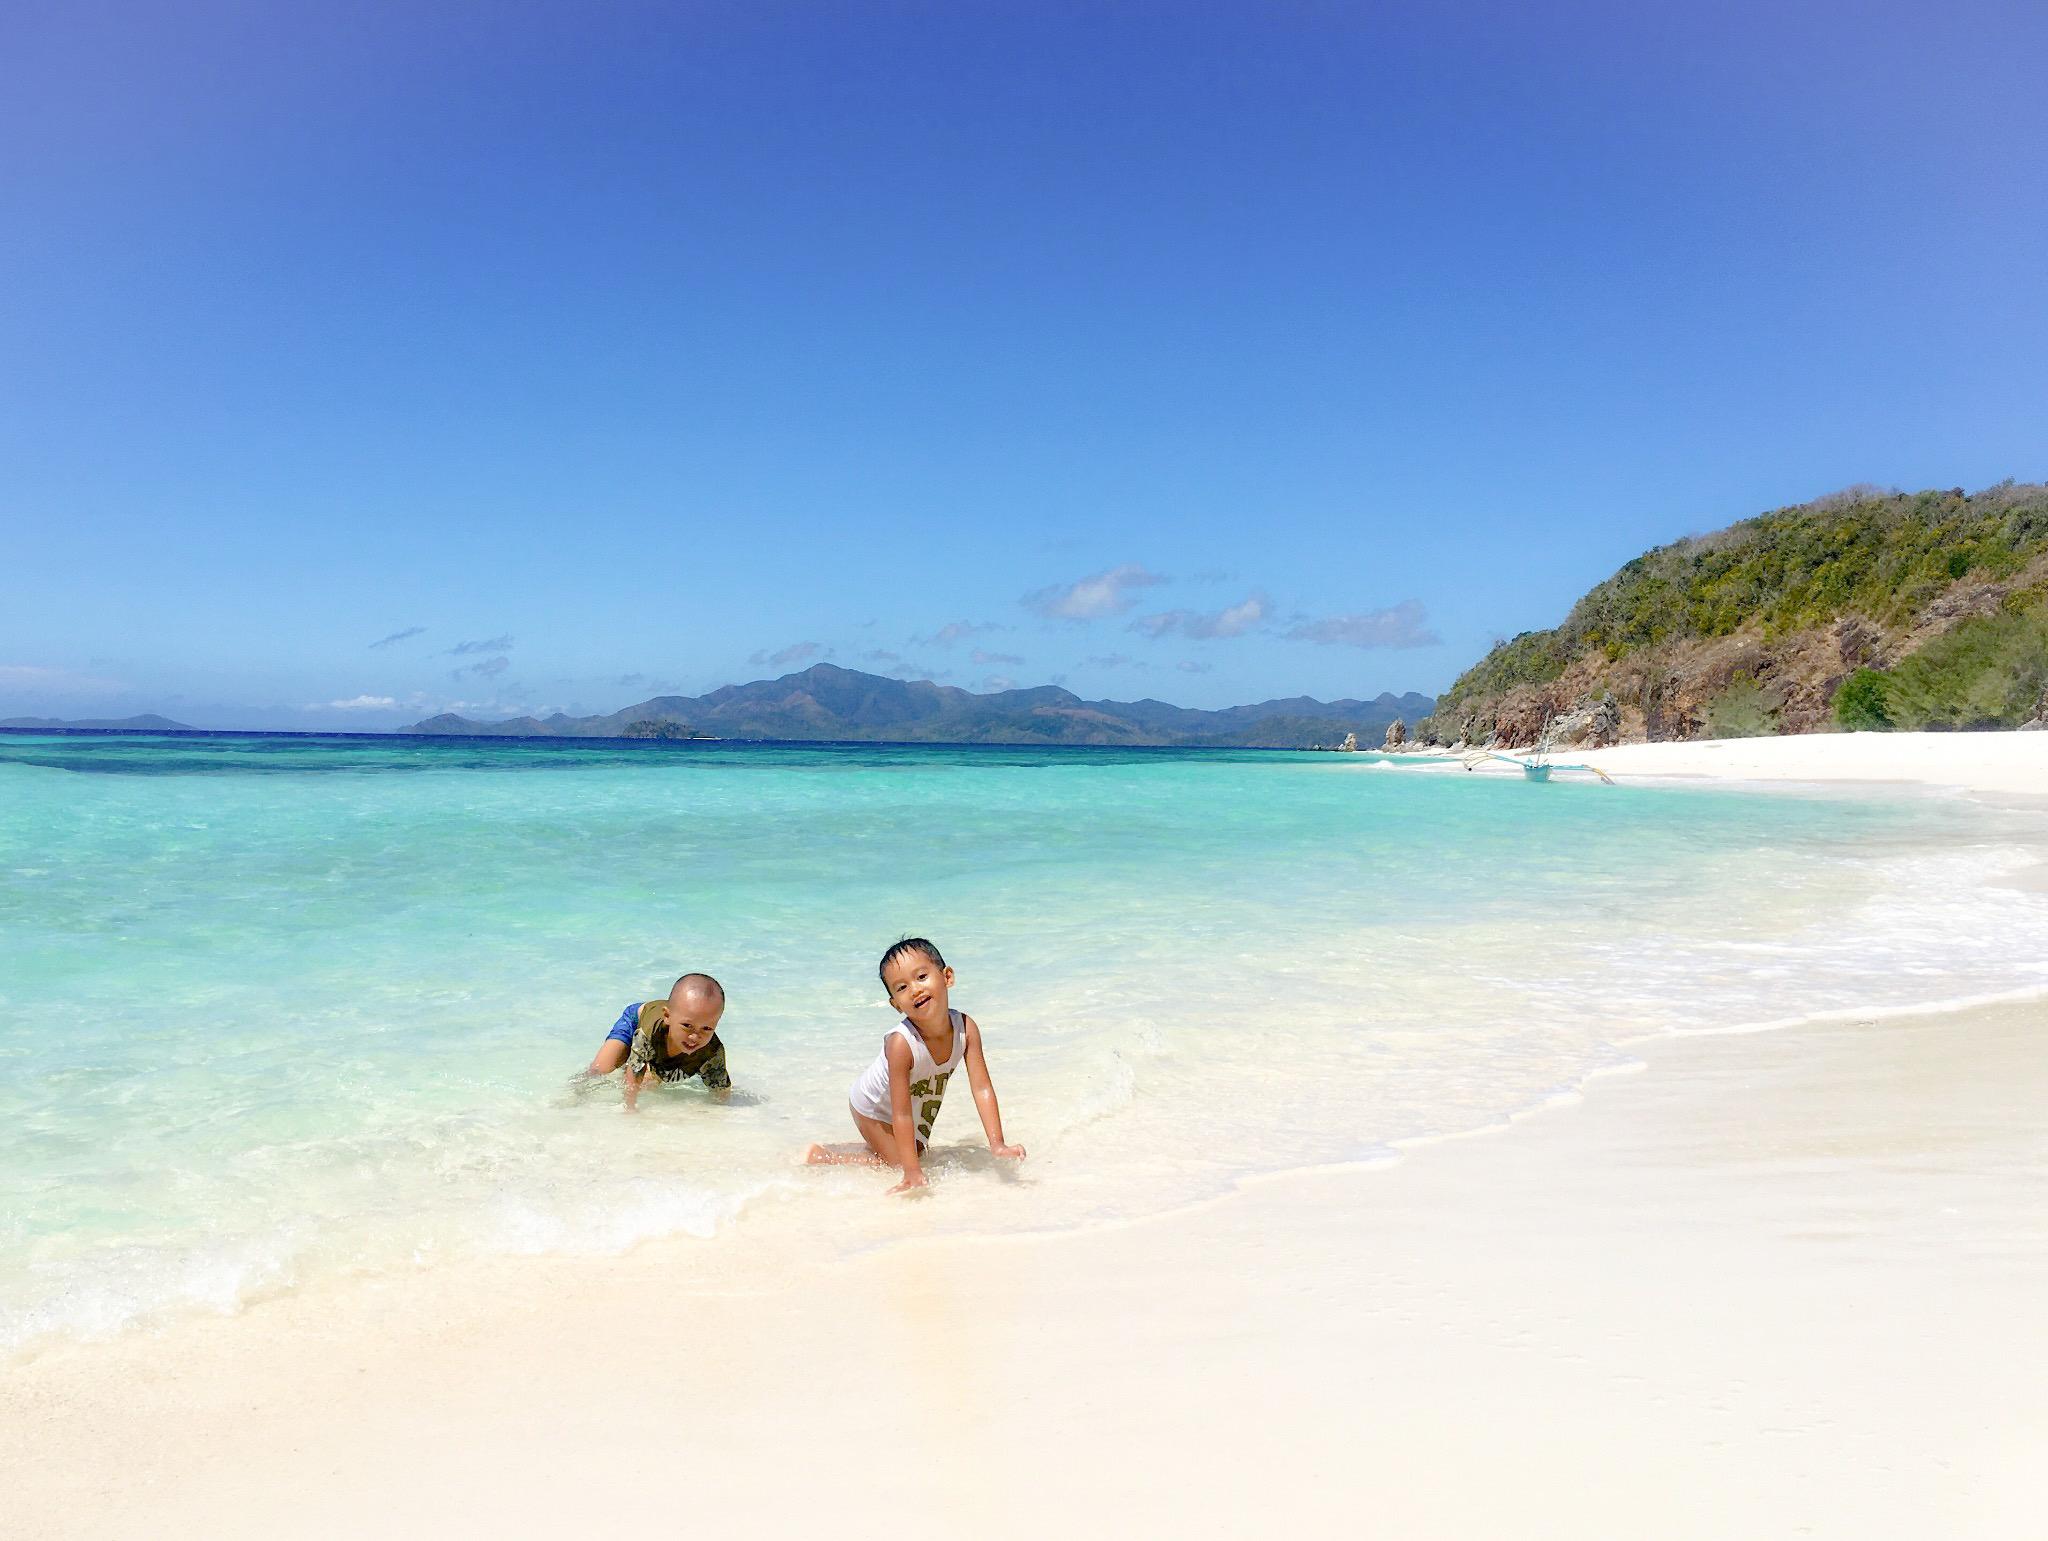 Malcapuya, Coron, Palawan Mejores Playas de Filipinas